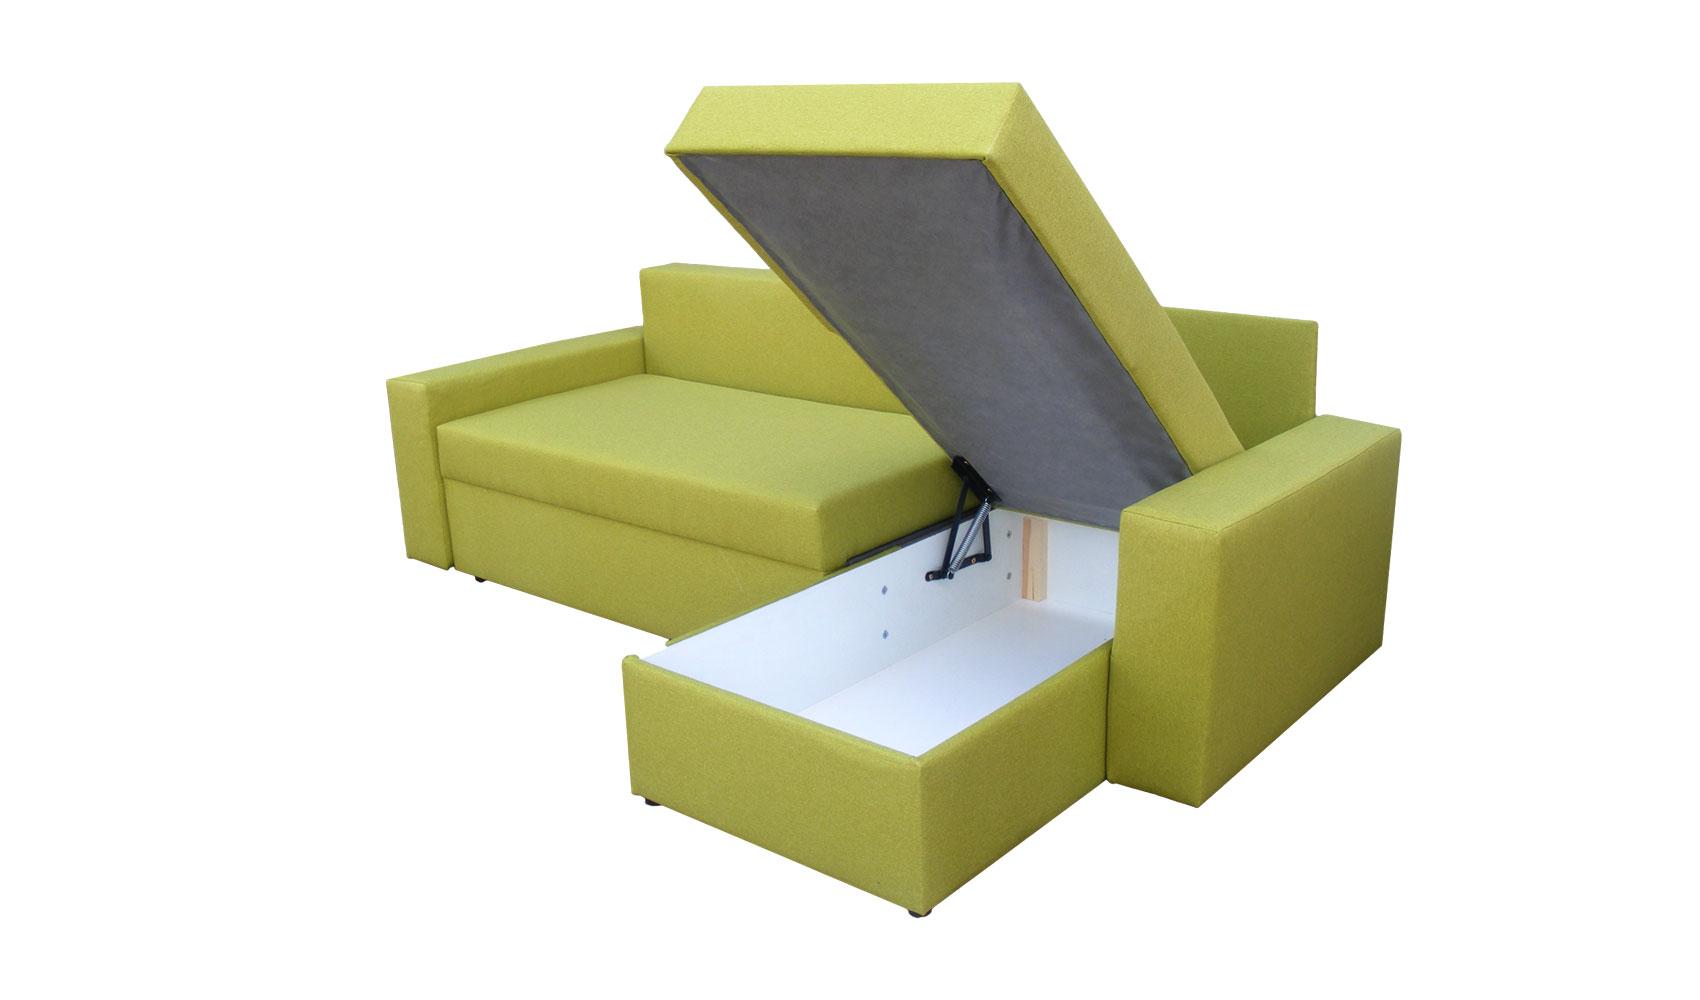 Eckcouch polsterecke mit schlaffunktion bettkasten sofa for Eckcouch mit bettkasten